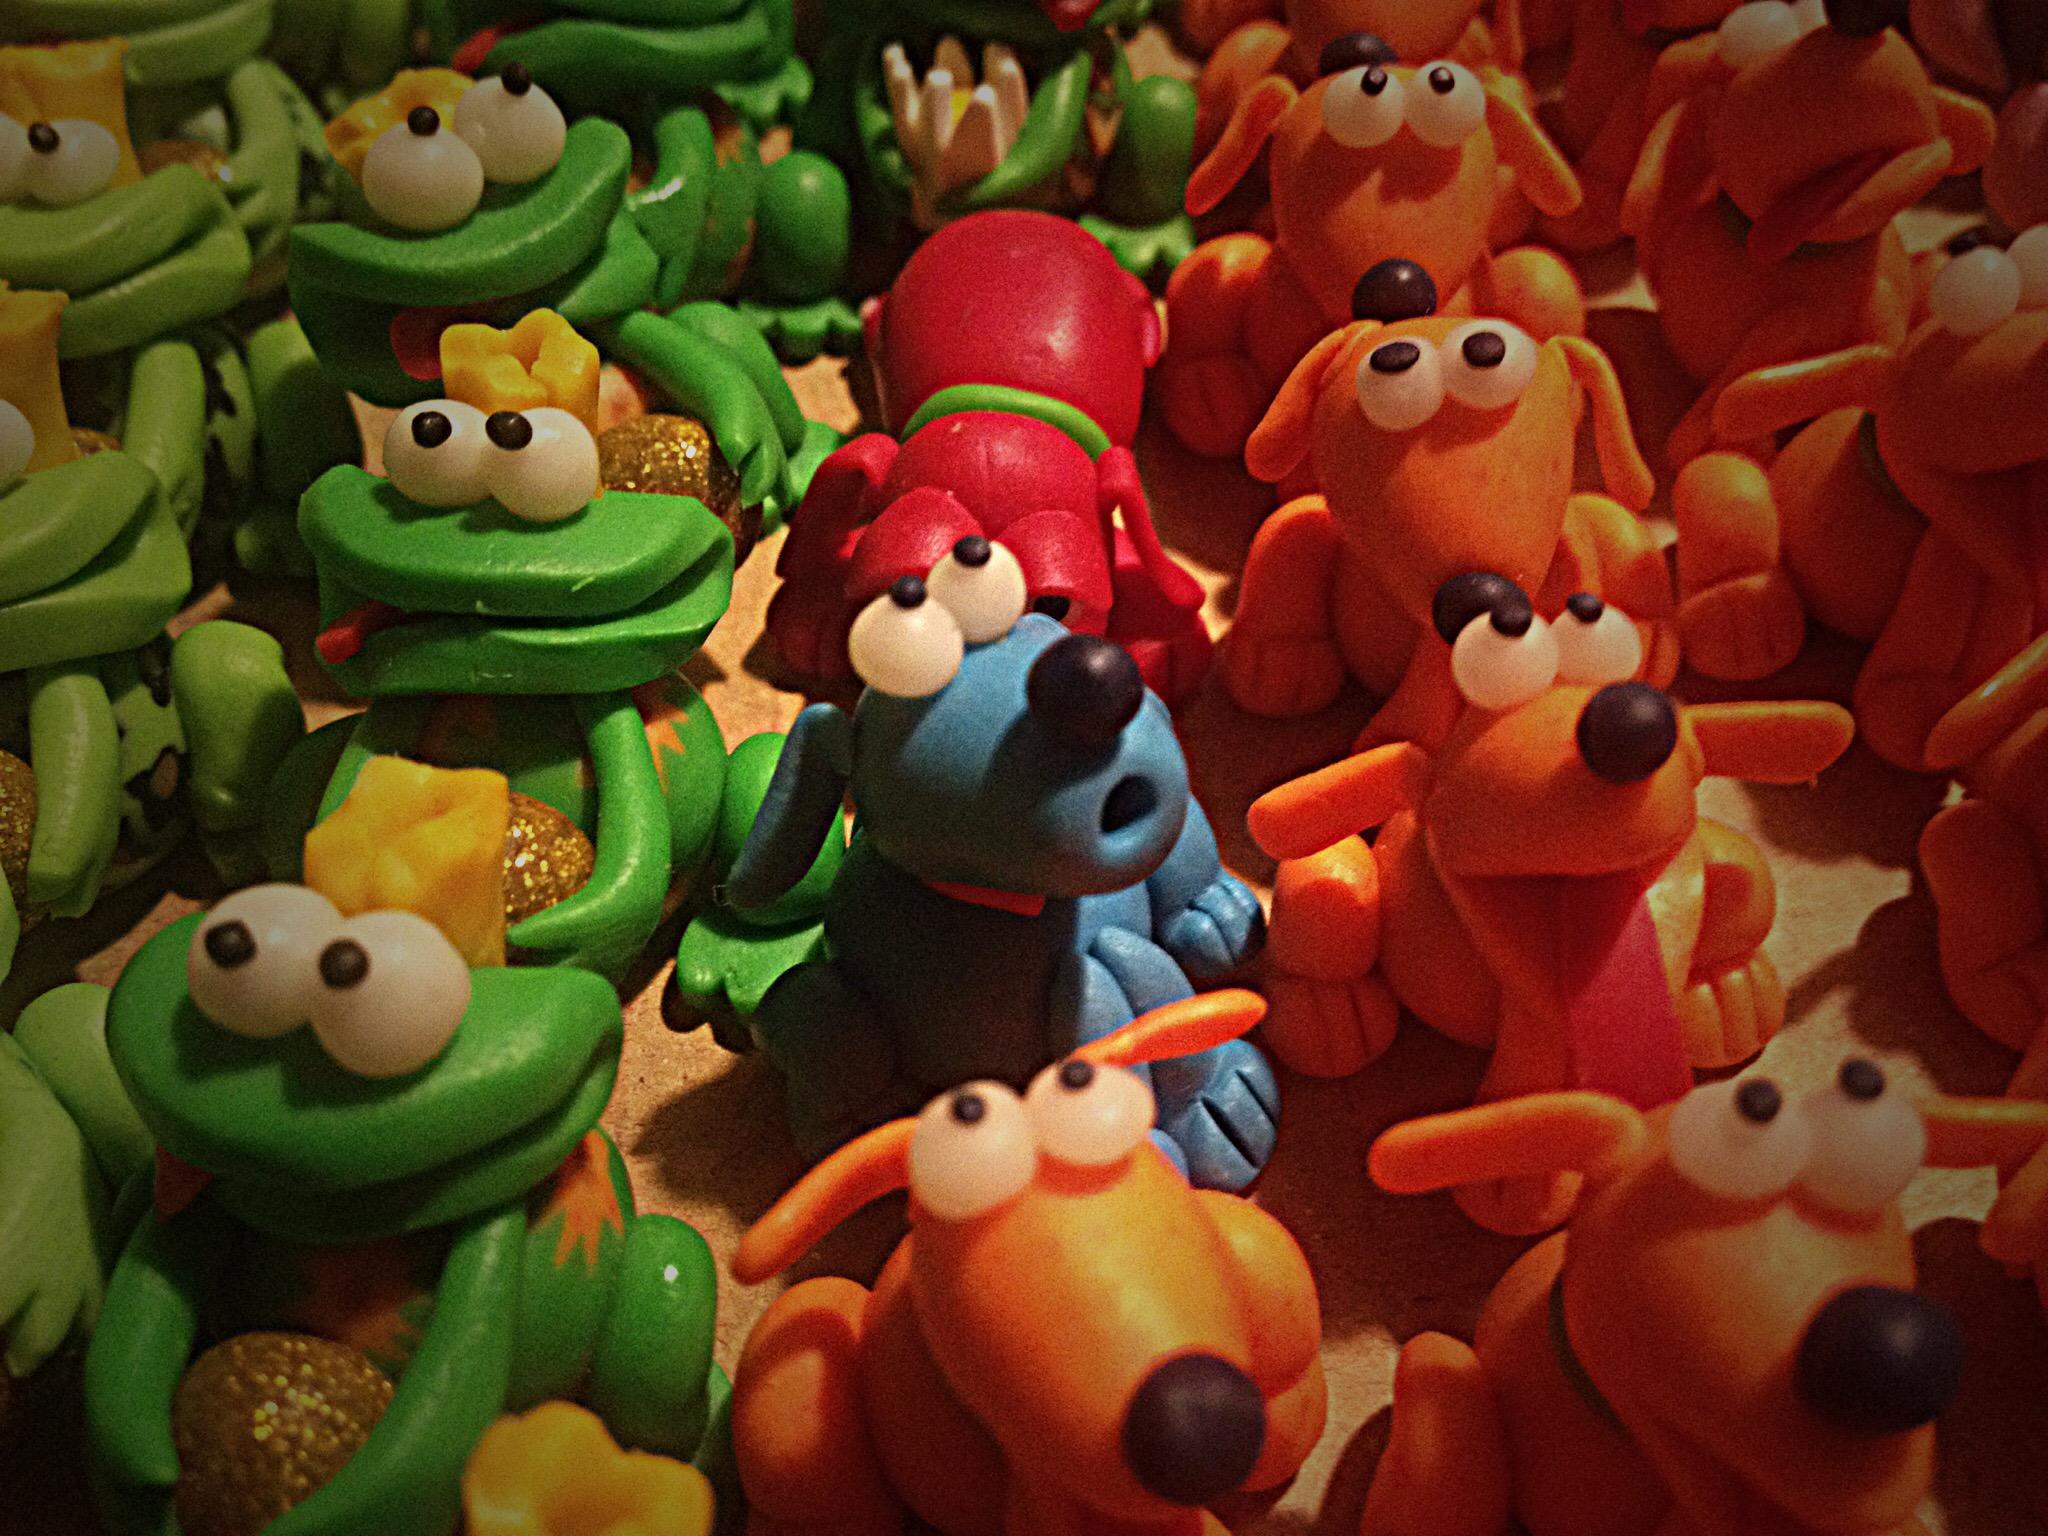 Swiggie-Tierchen eng beieinander in mehreren Farben